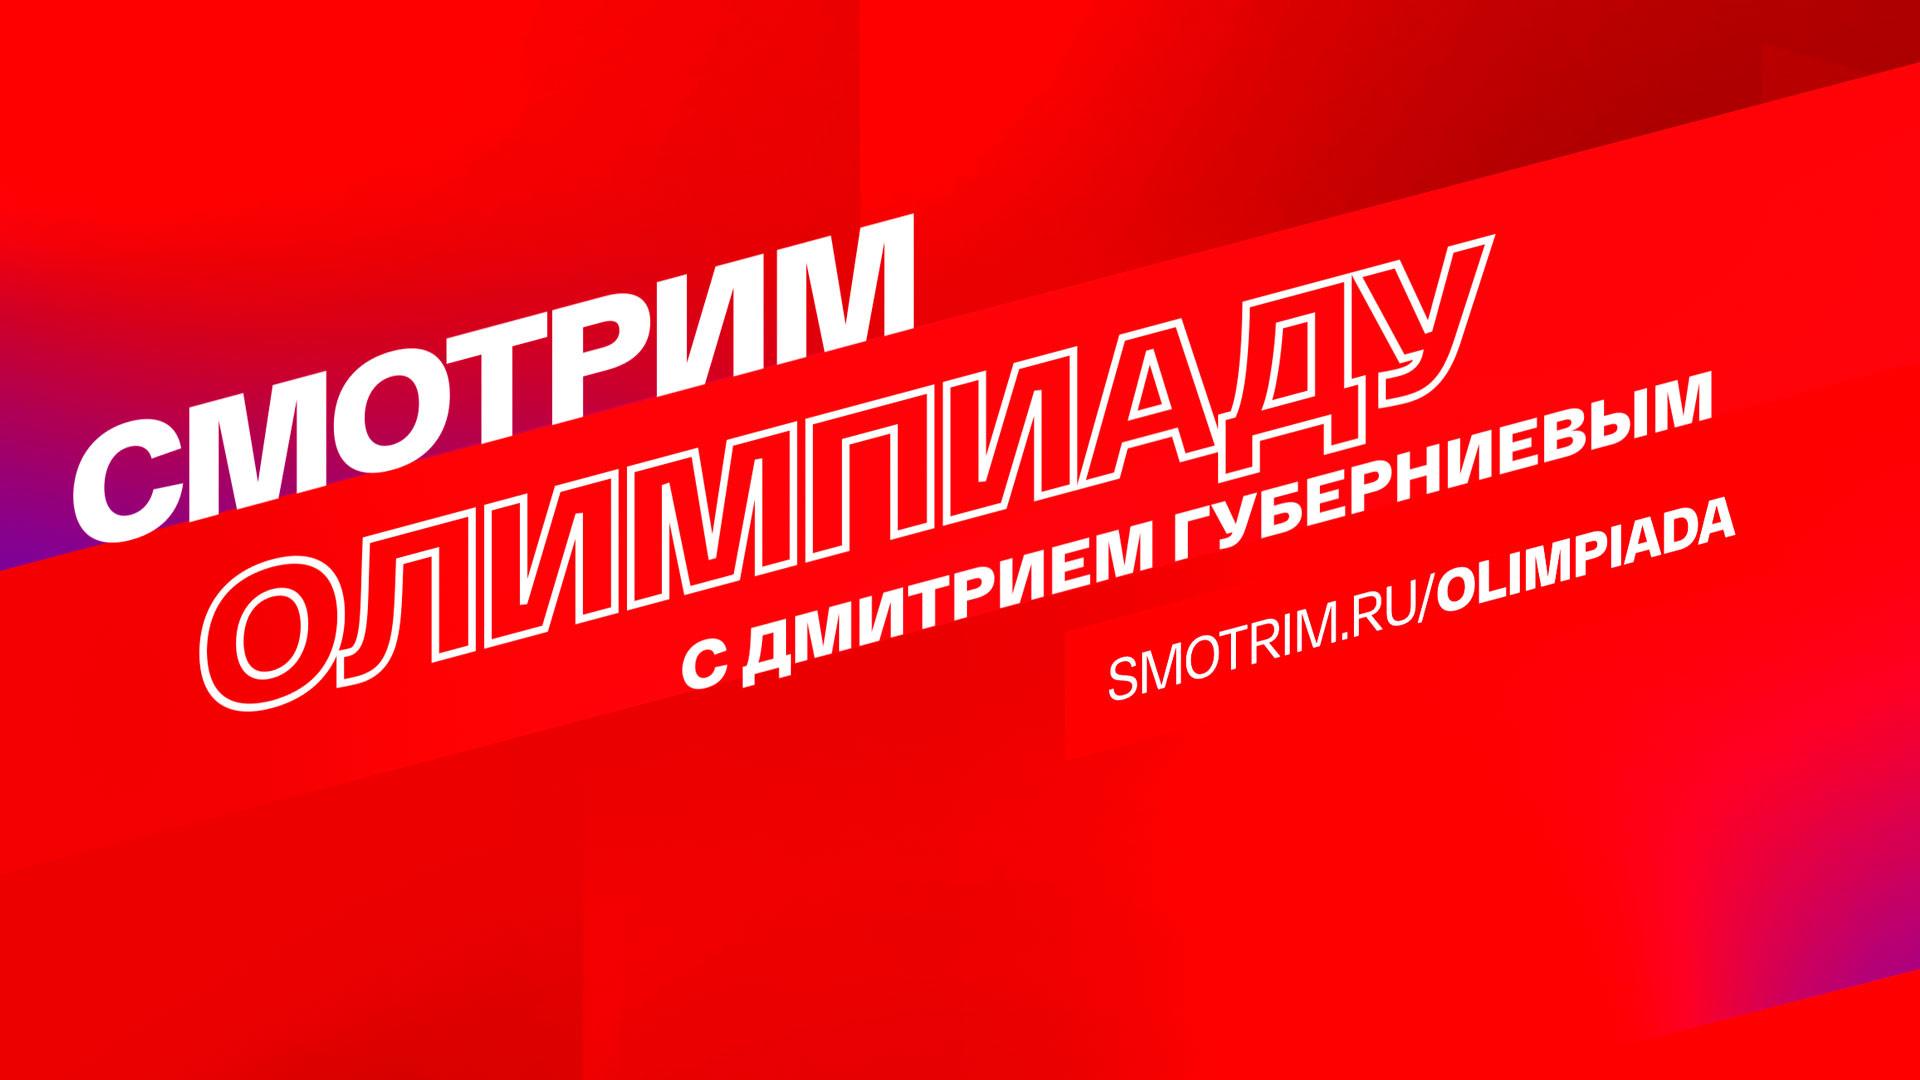 Смотрим Олимпиаду с Дмитрием Губерниевым